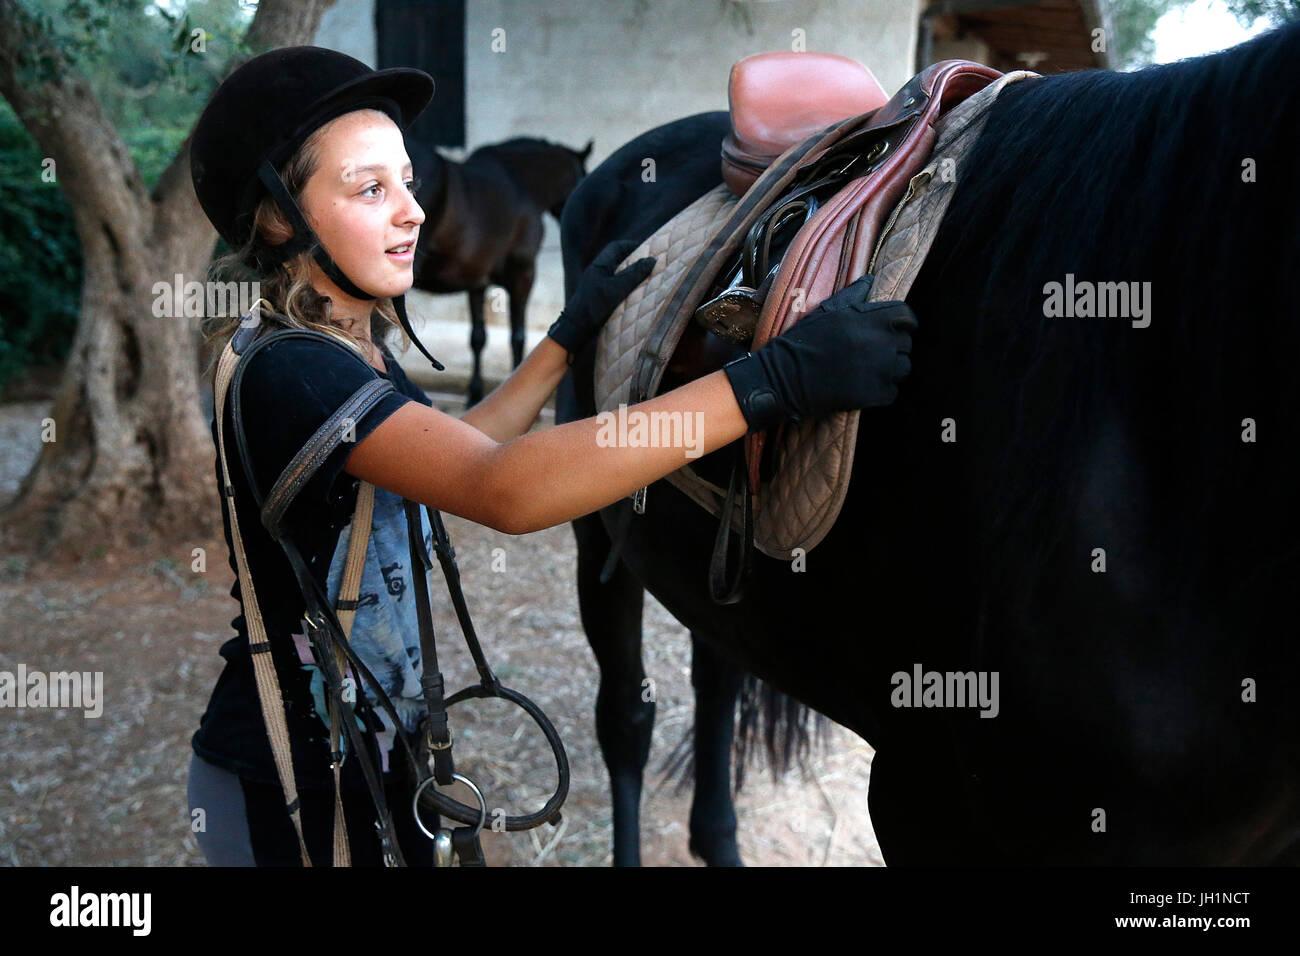 Adolescente unsaddling un cavallo. L'Italia. Immagini Stock